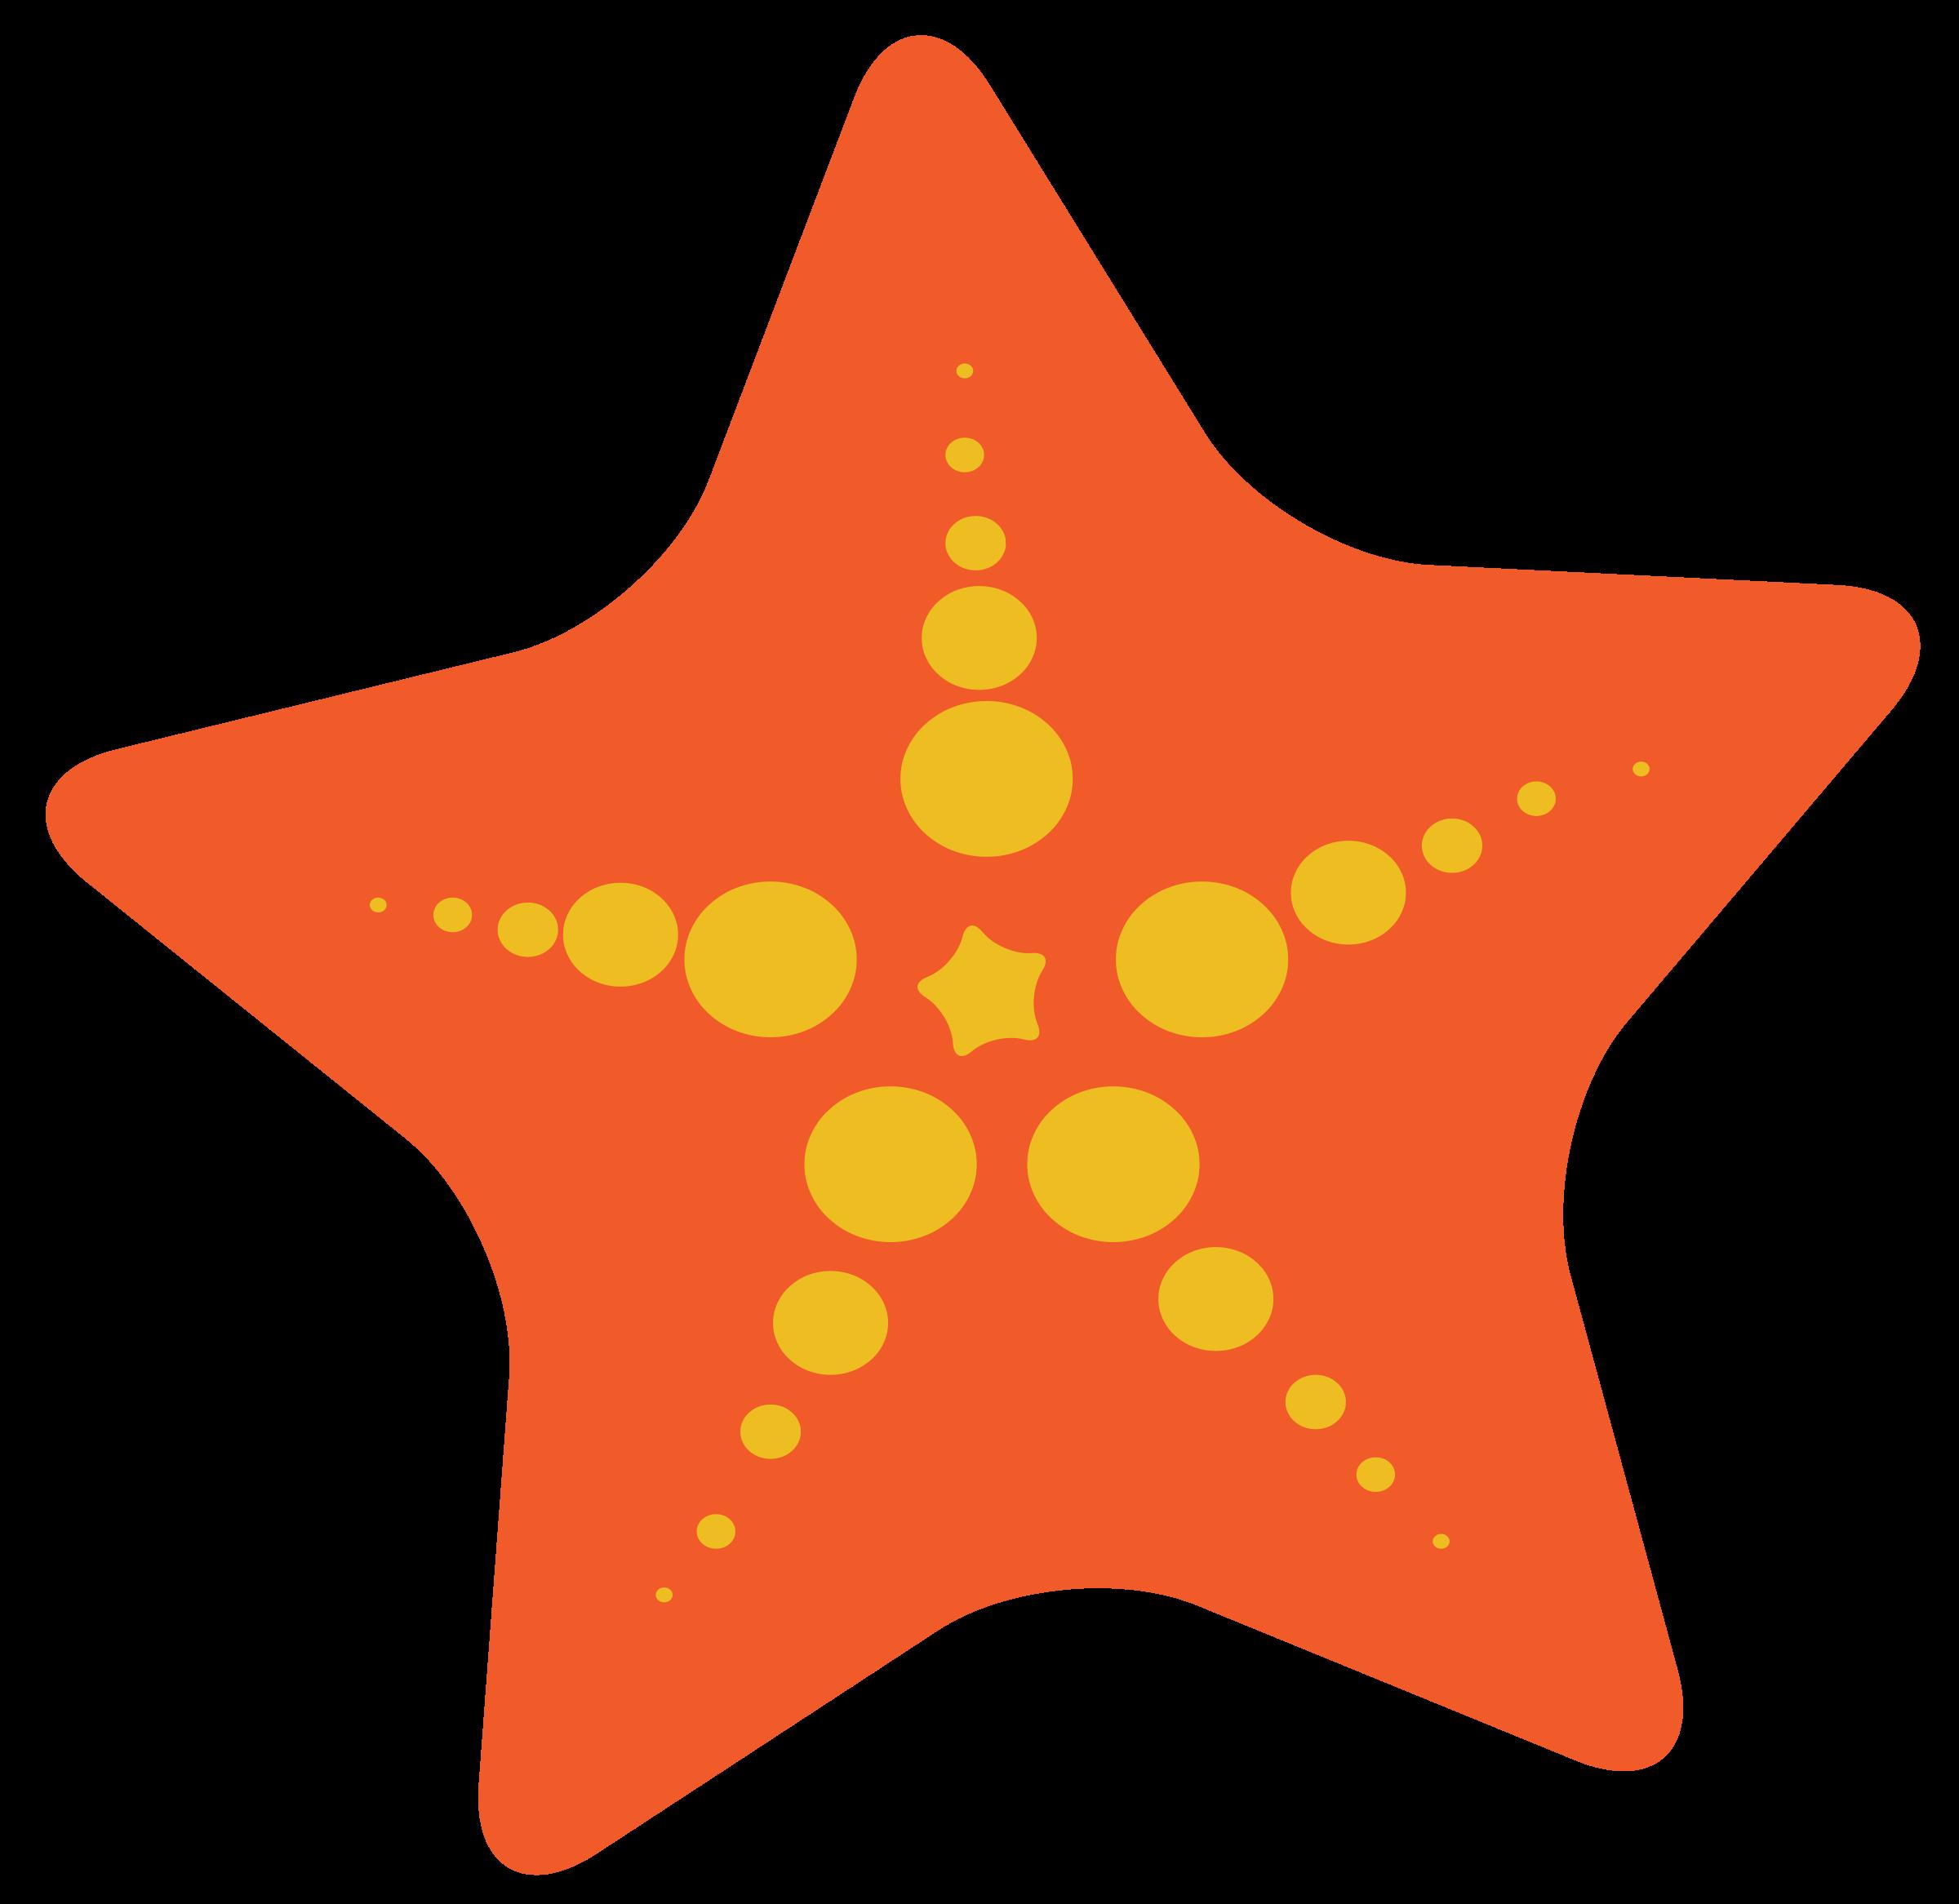 clipart starfish